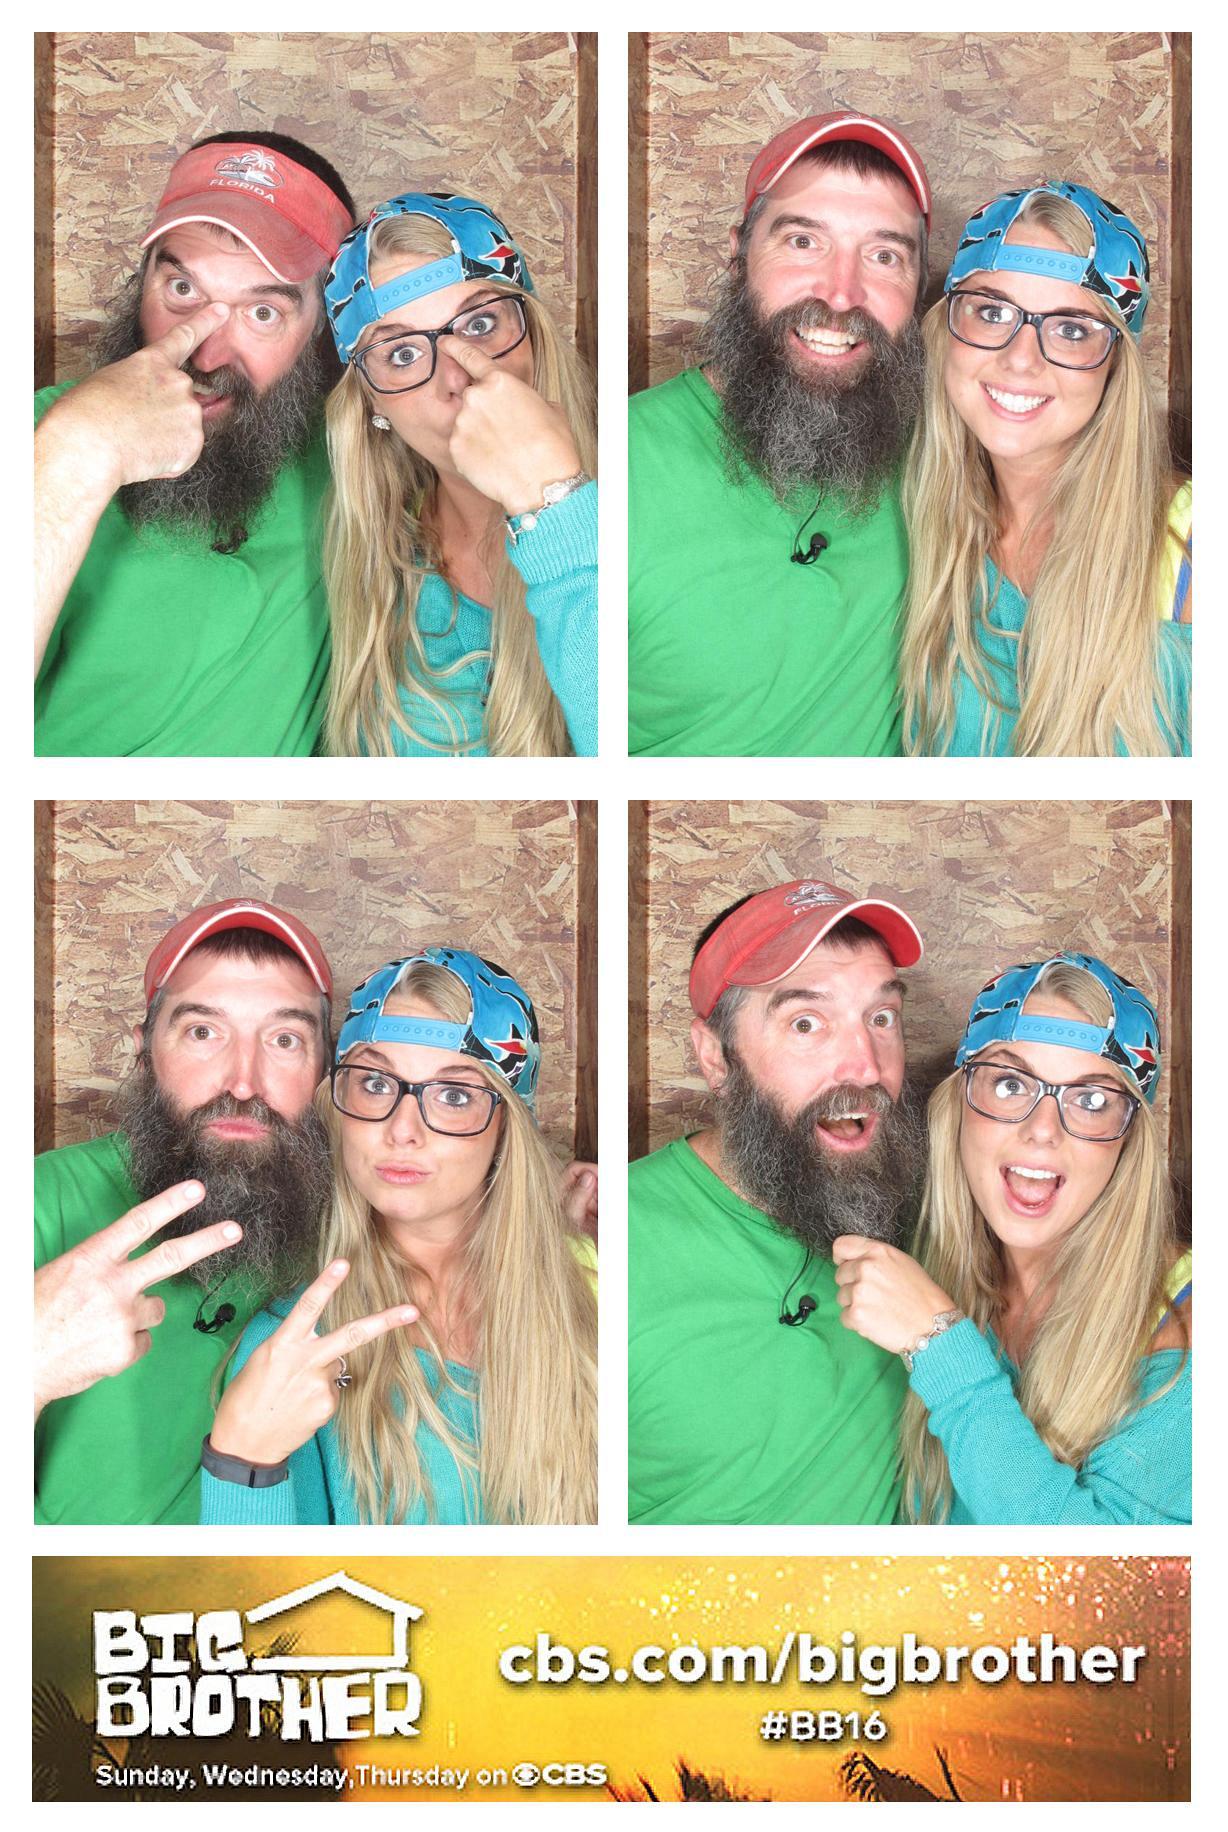 Donny & Nicole